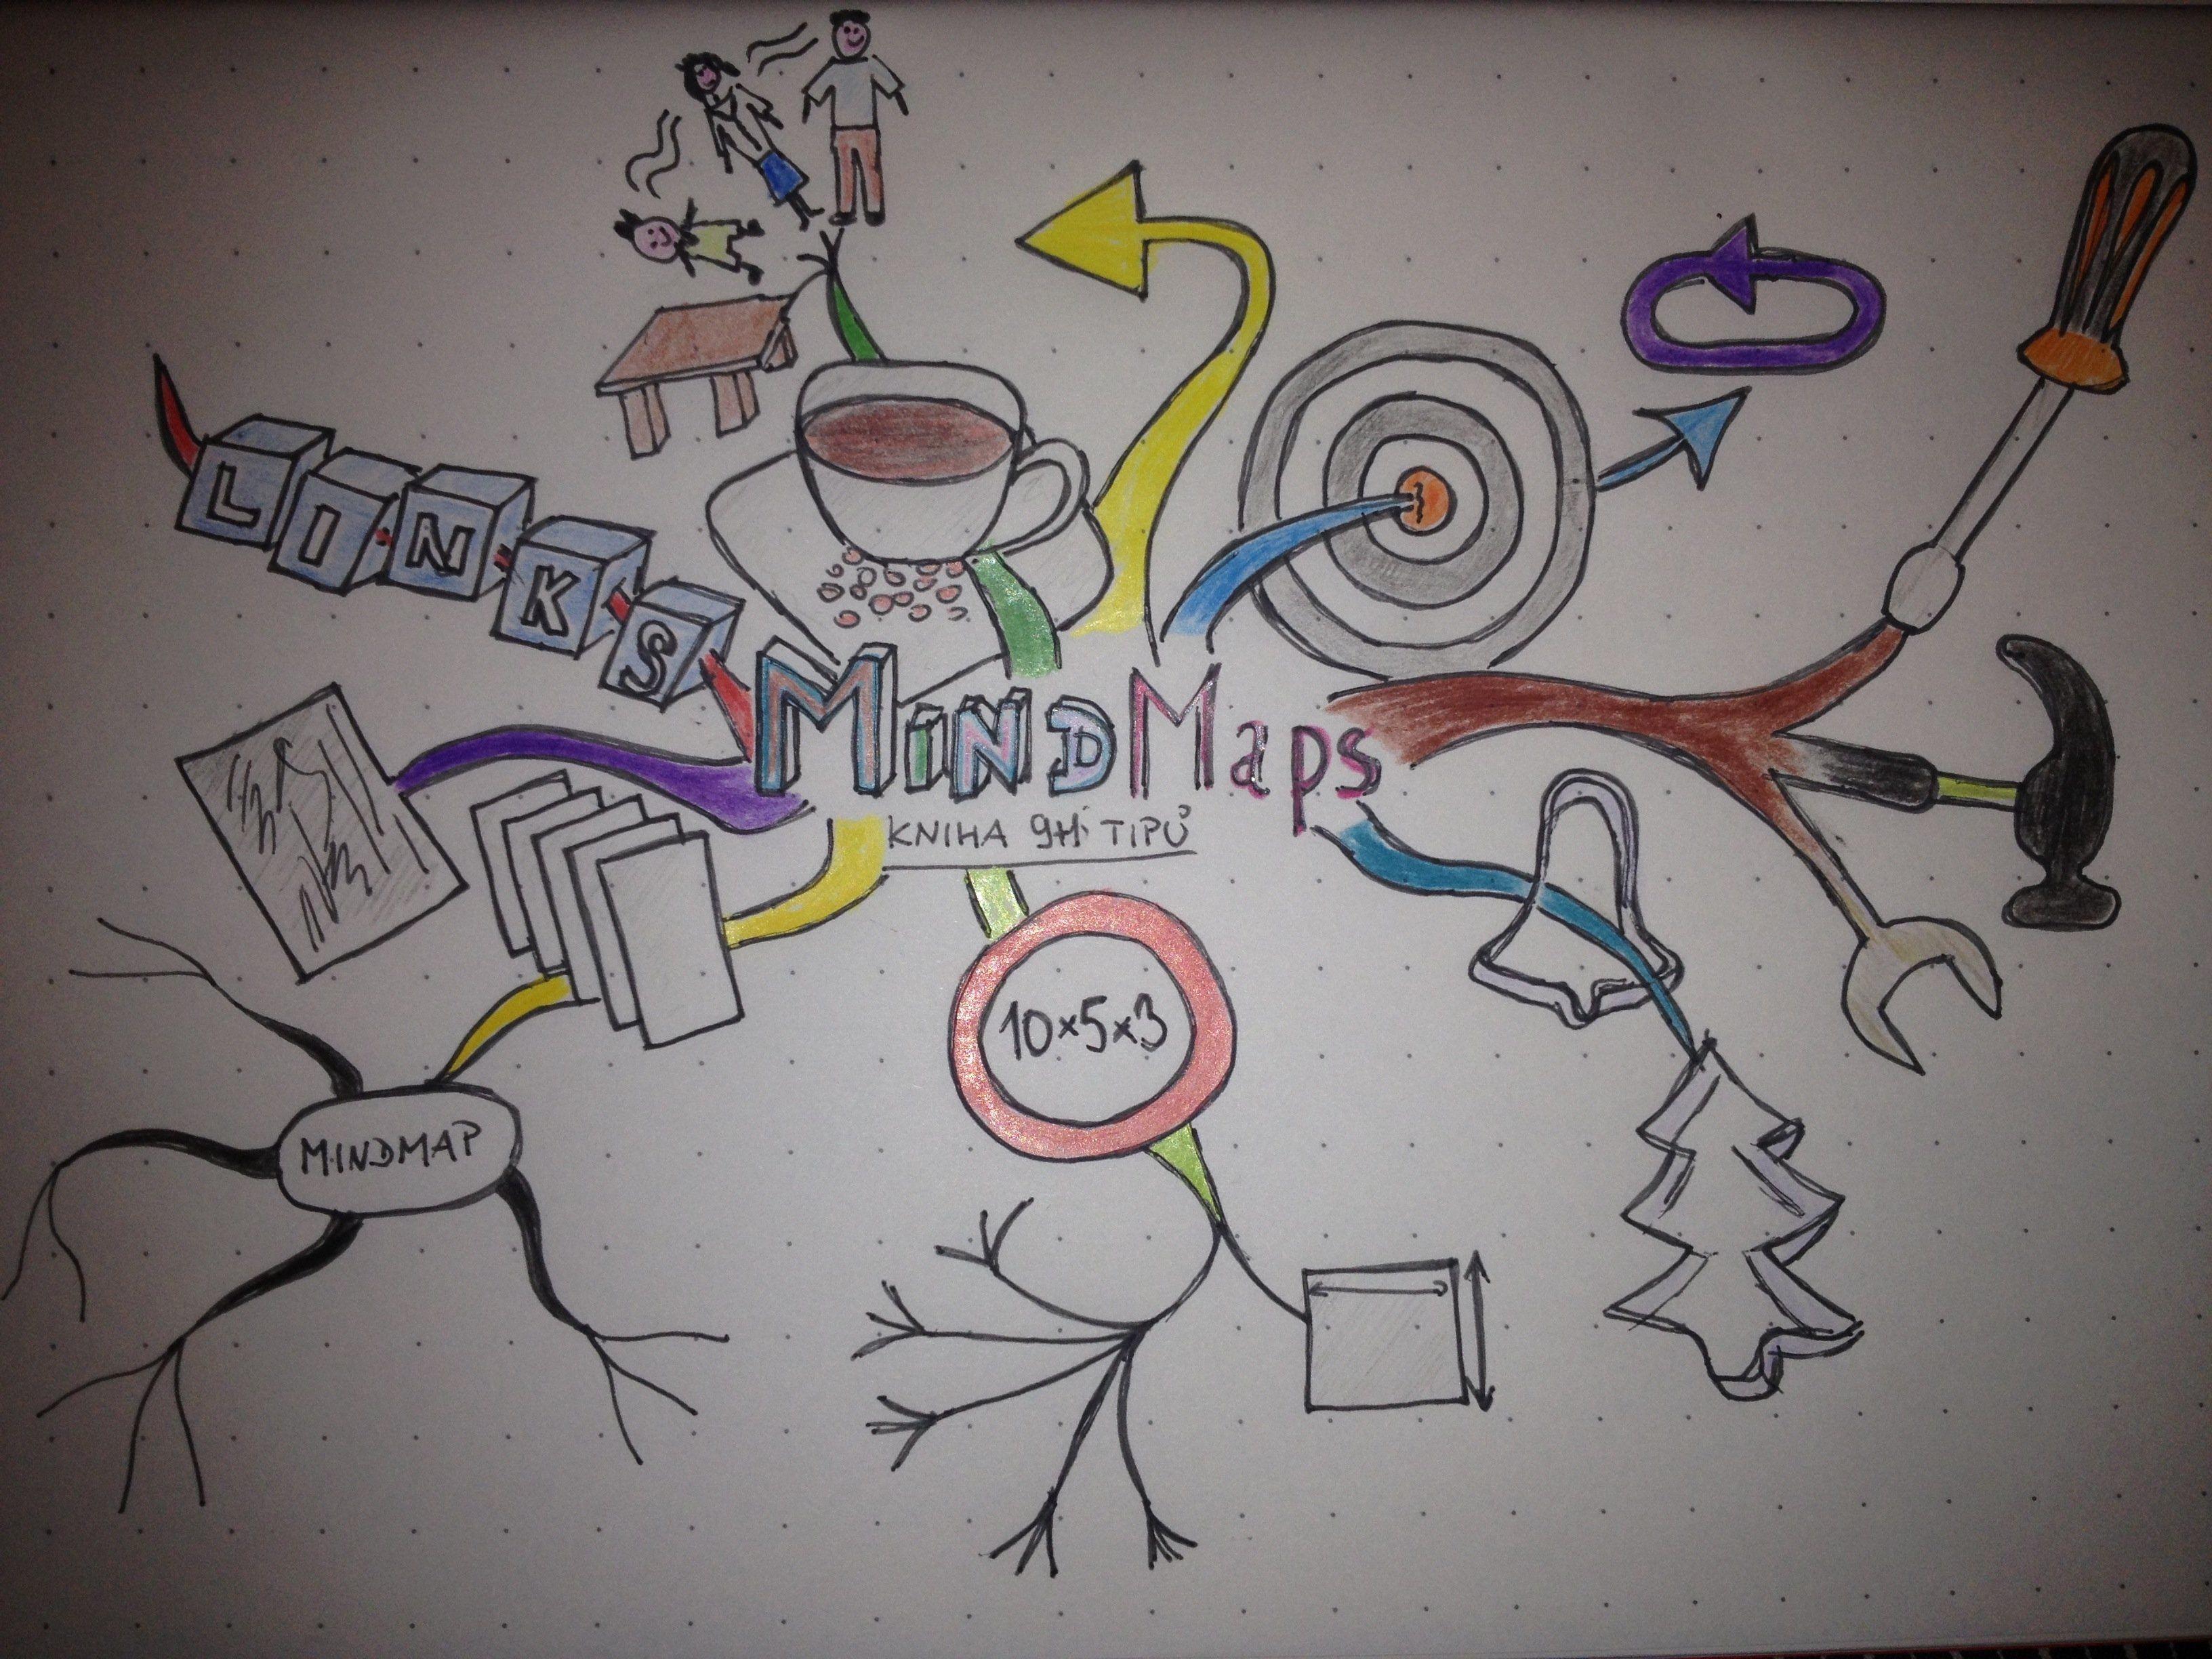 Tipy k myšlenkovým mapám